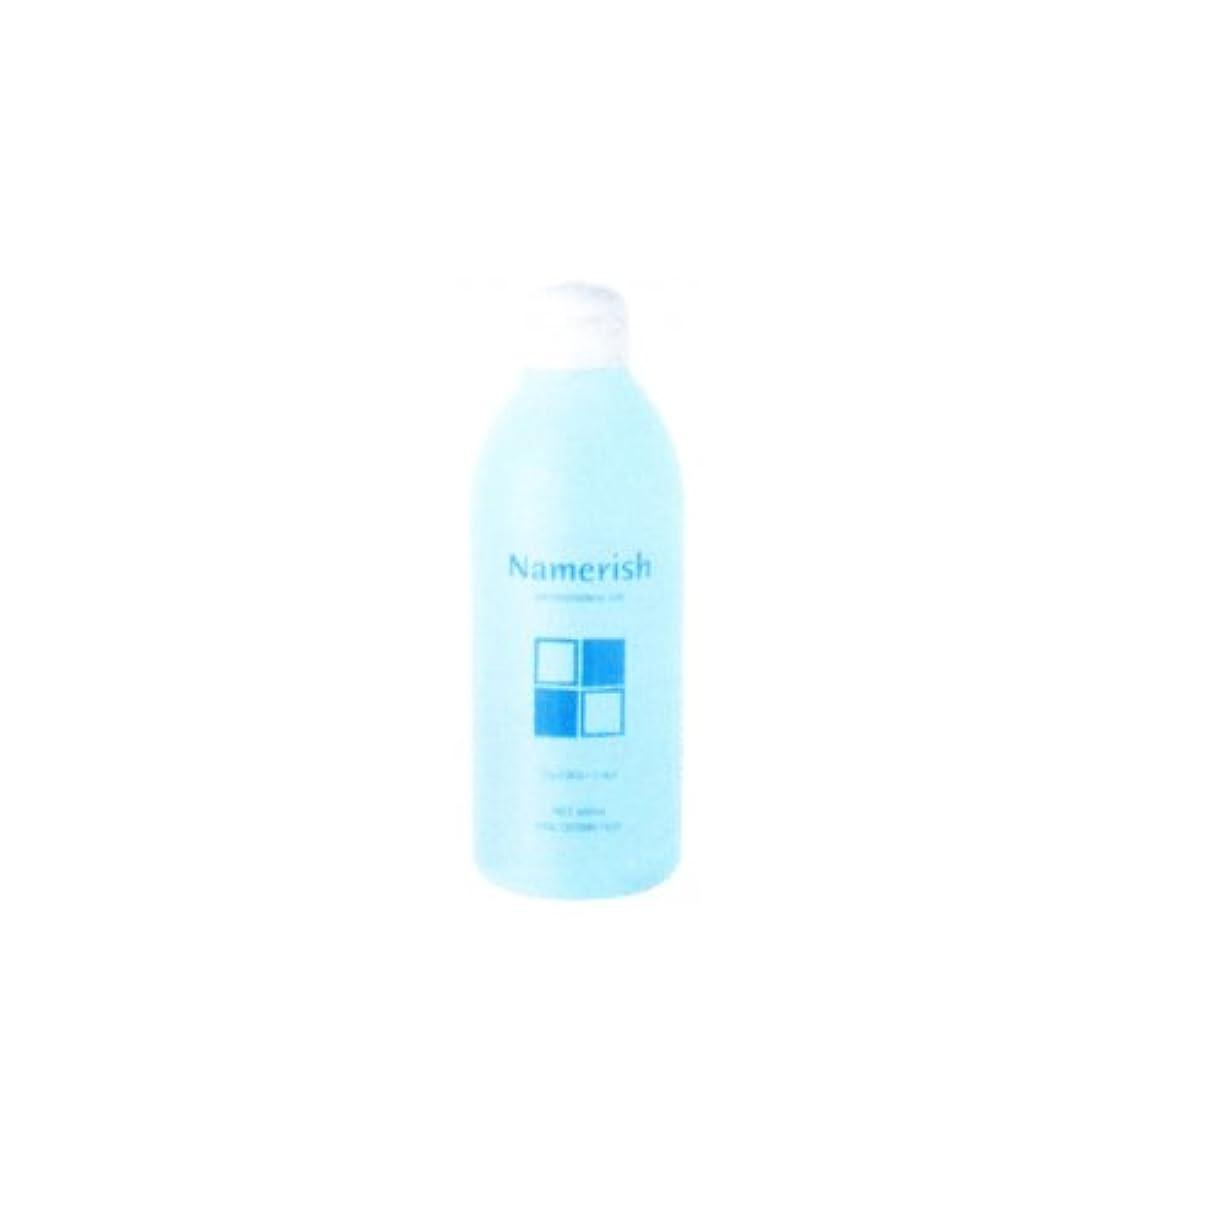 回復無力エンドテーブルファイン ナメリッシュ(収れん性化粧水)